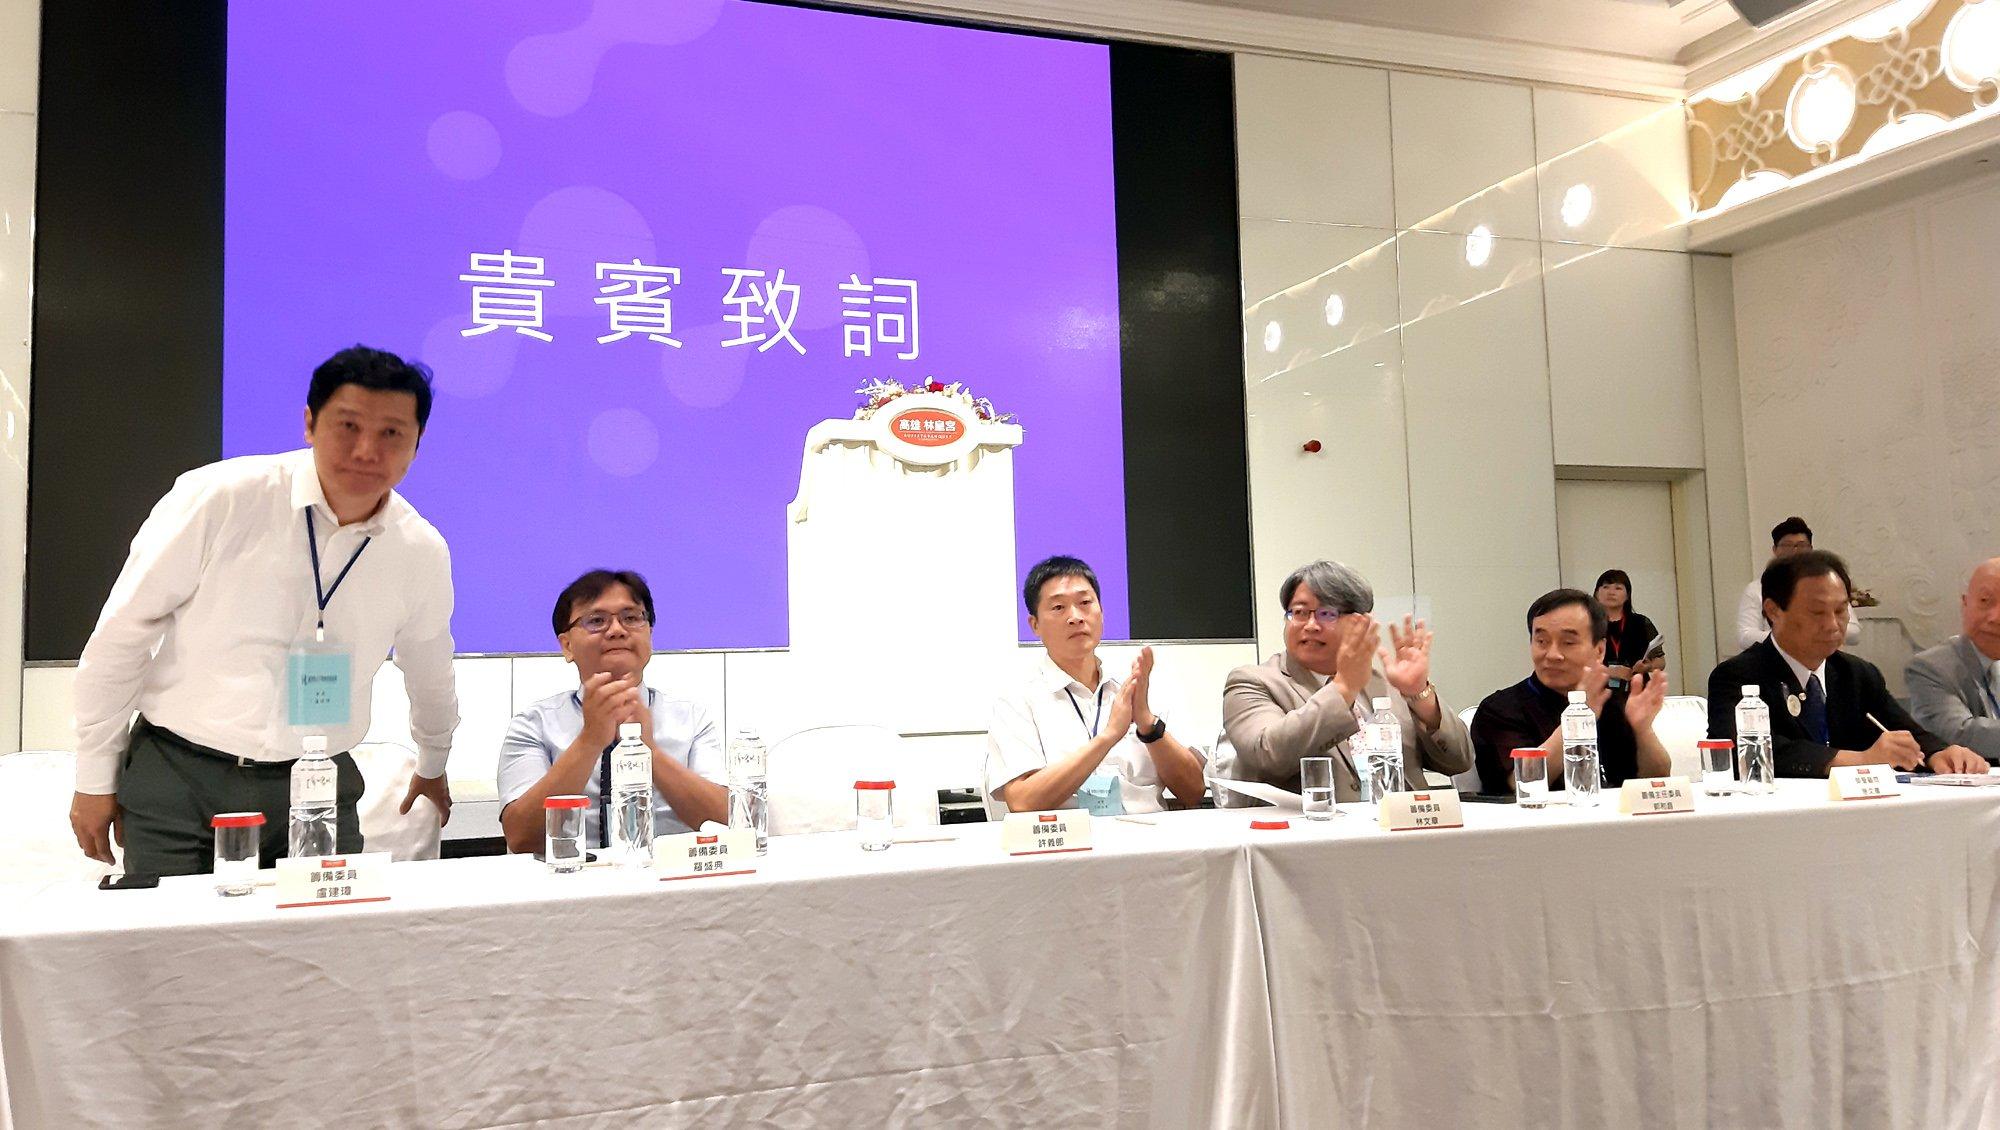 臺灣氫分子醫療促進協會-10 委員 高雄長庚 大腸外科主治醫師 盧建璋